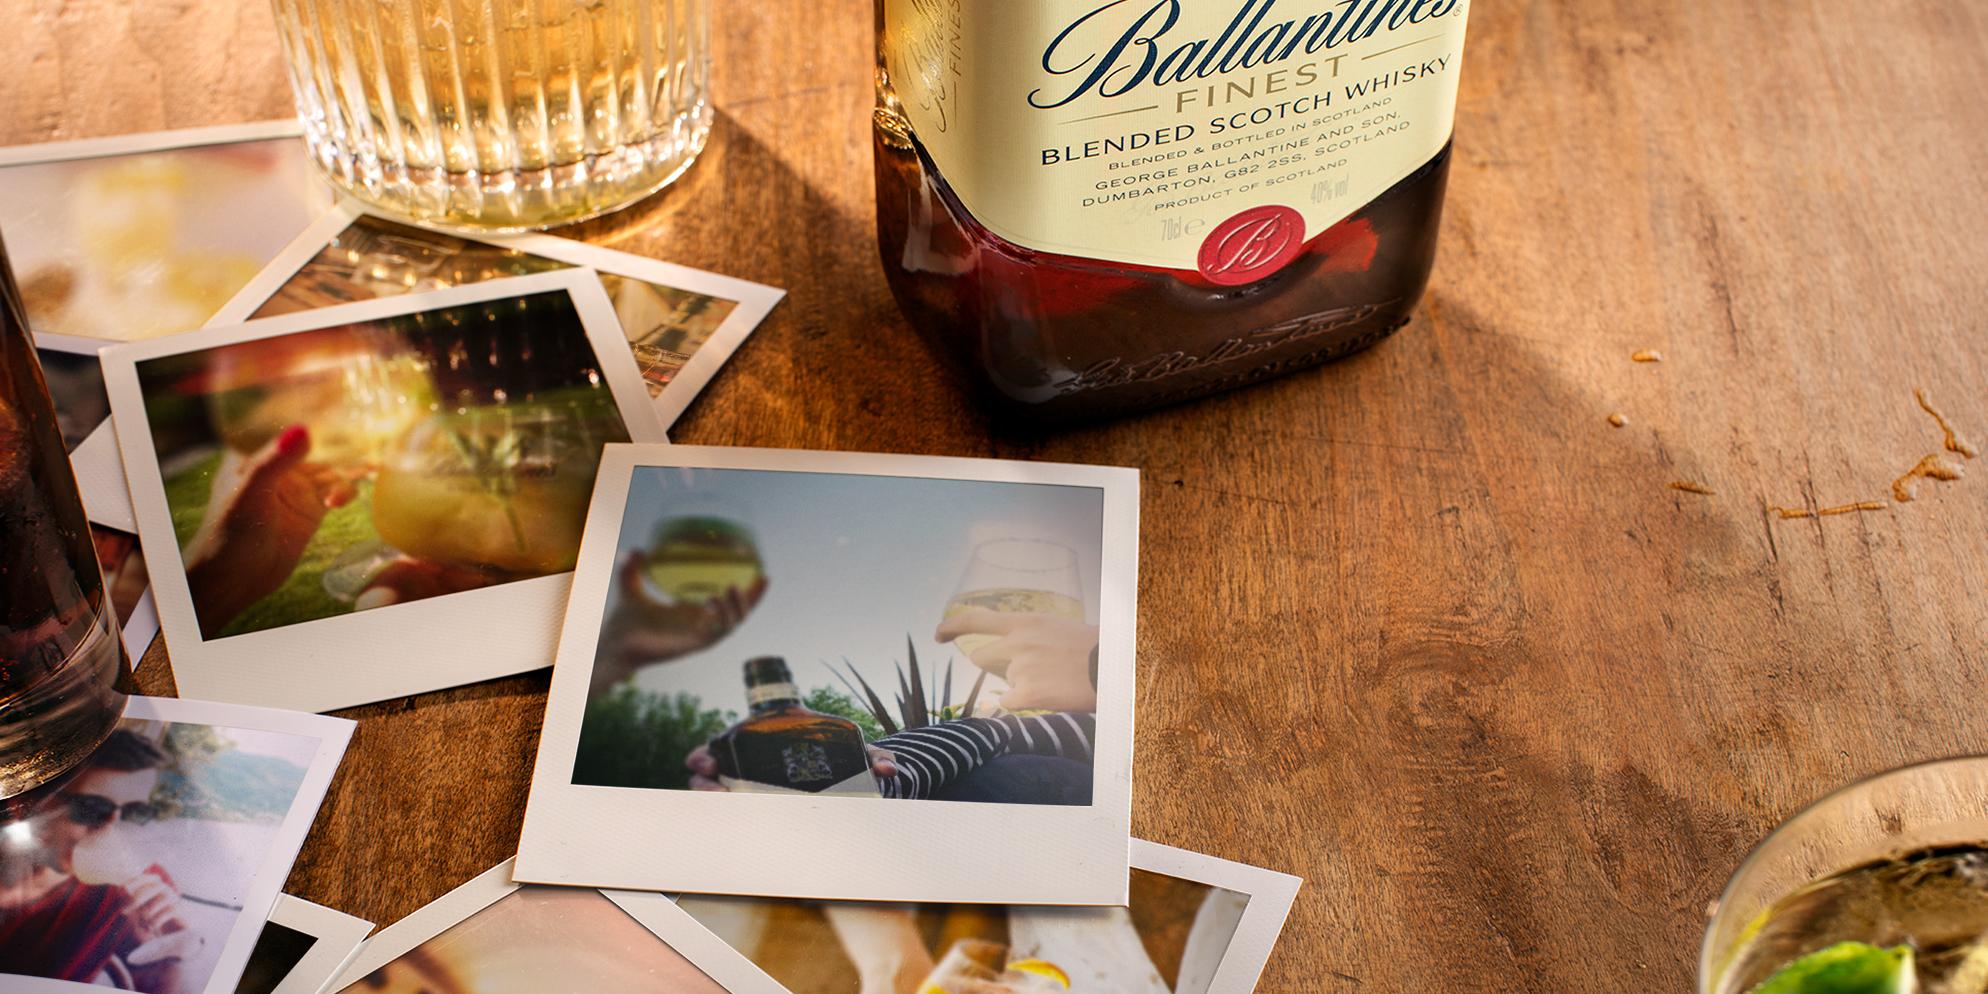 Ballantine's Scotch Whisky | How you like